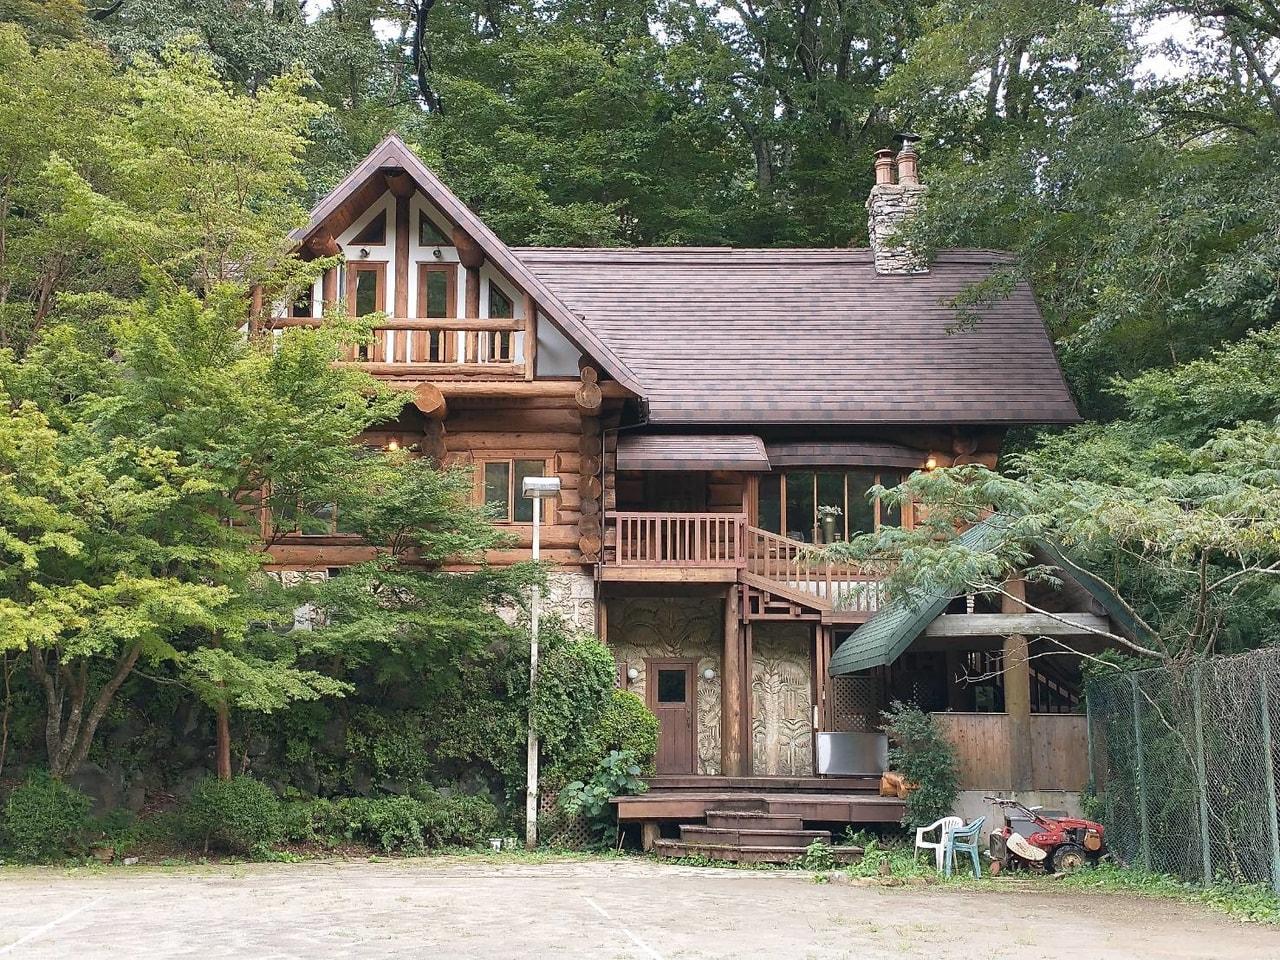 長期滞在もお得に!?「癒しの森の貸別荘 スターヒルズ」期間限定サービスプランが開始!